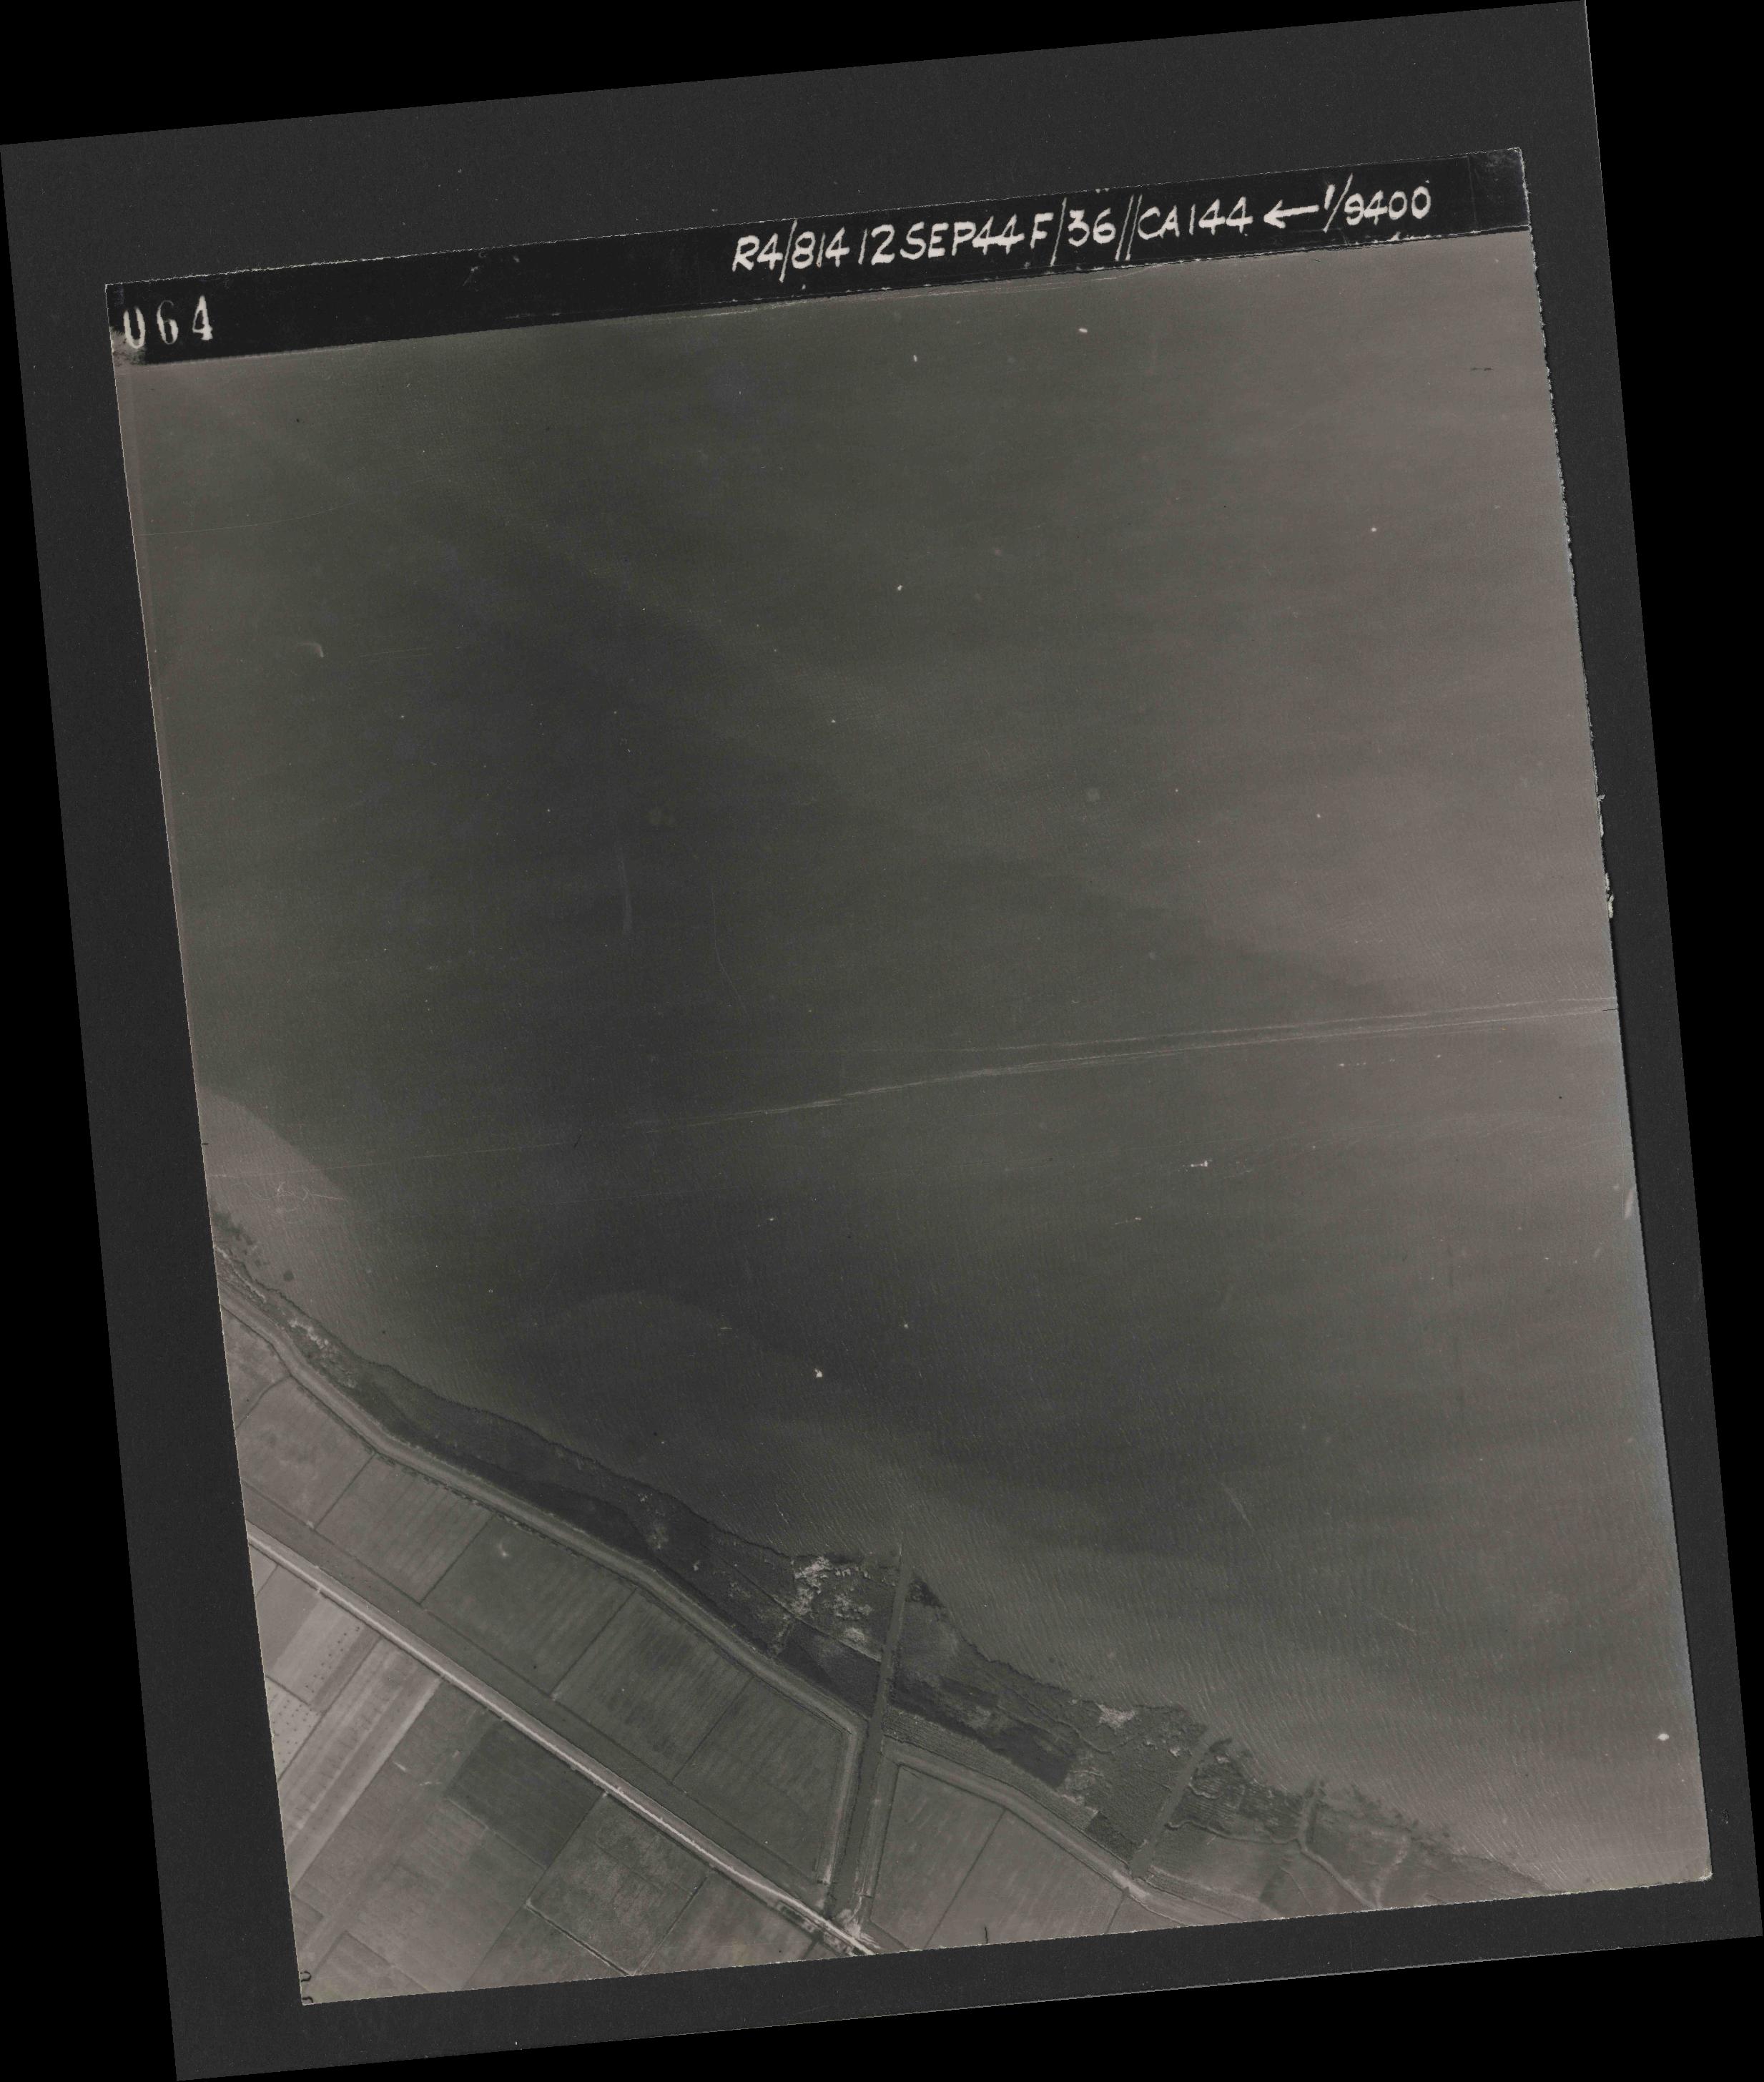 Collection RAF aerial photos 1940-1945 - flight 333, run 02, photo 4064